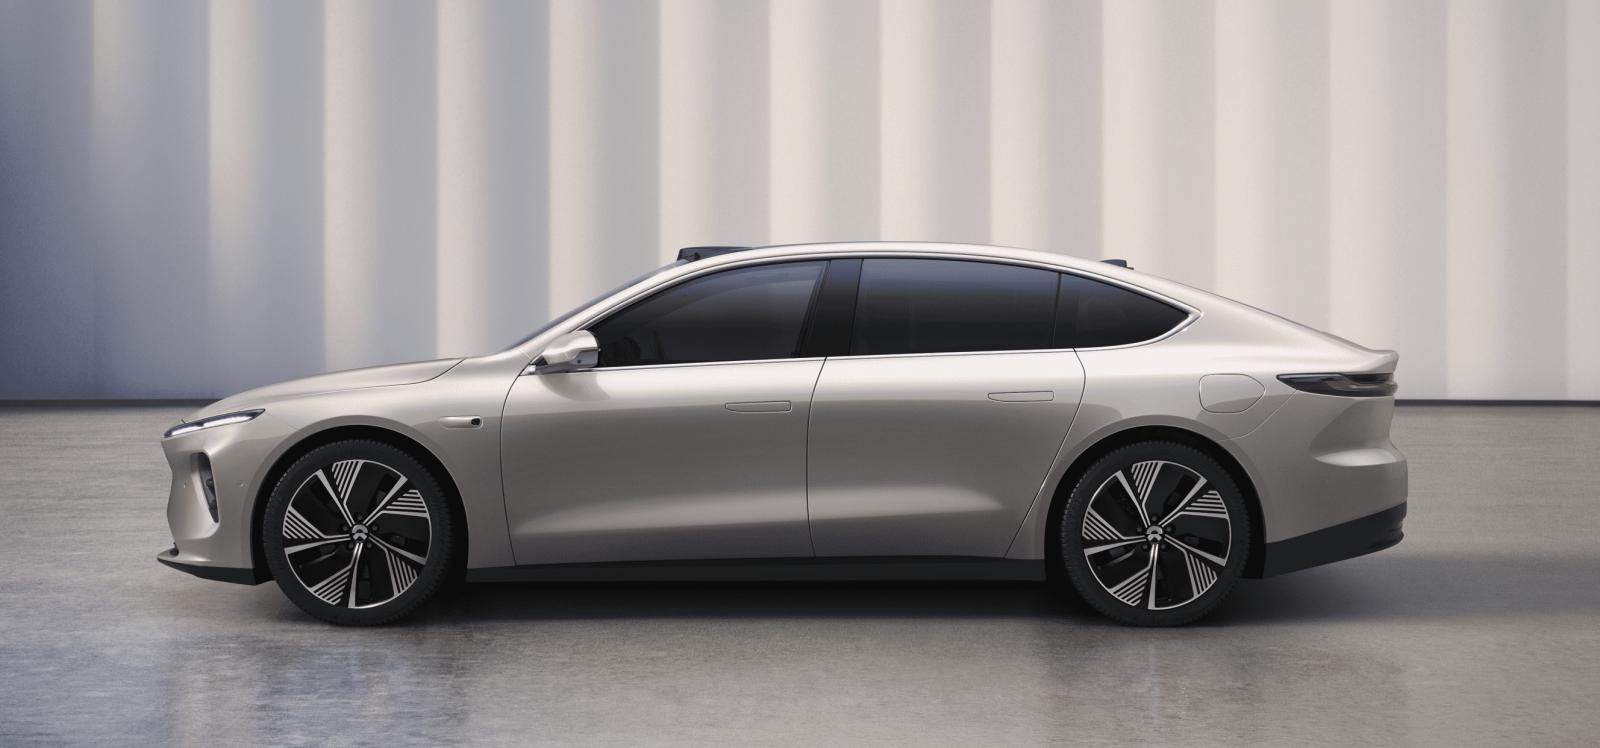 Modellen mäter 5,10 meter på längden vilket gör den 10–15 centimeter längre än Porsche Taycan, Tesla Model S och Lucid Air.